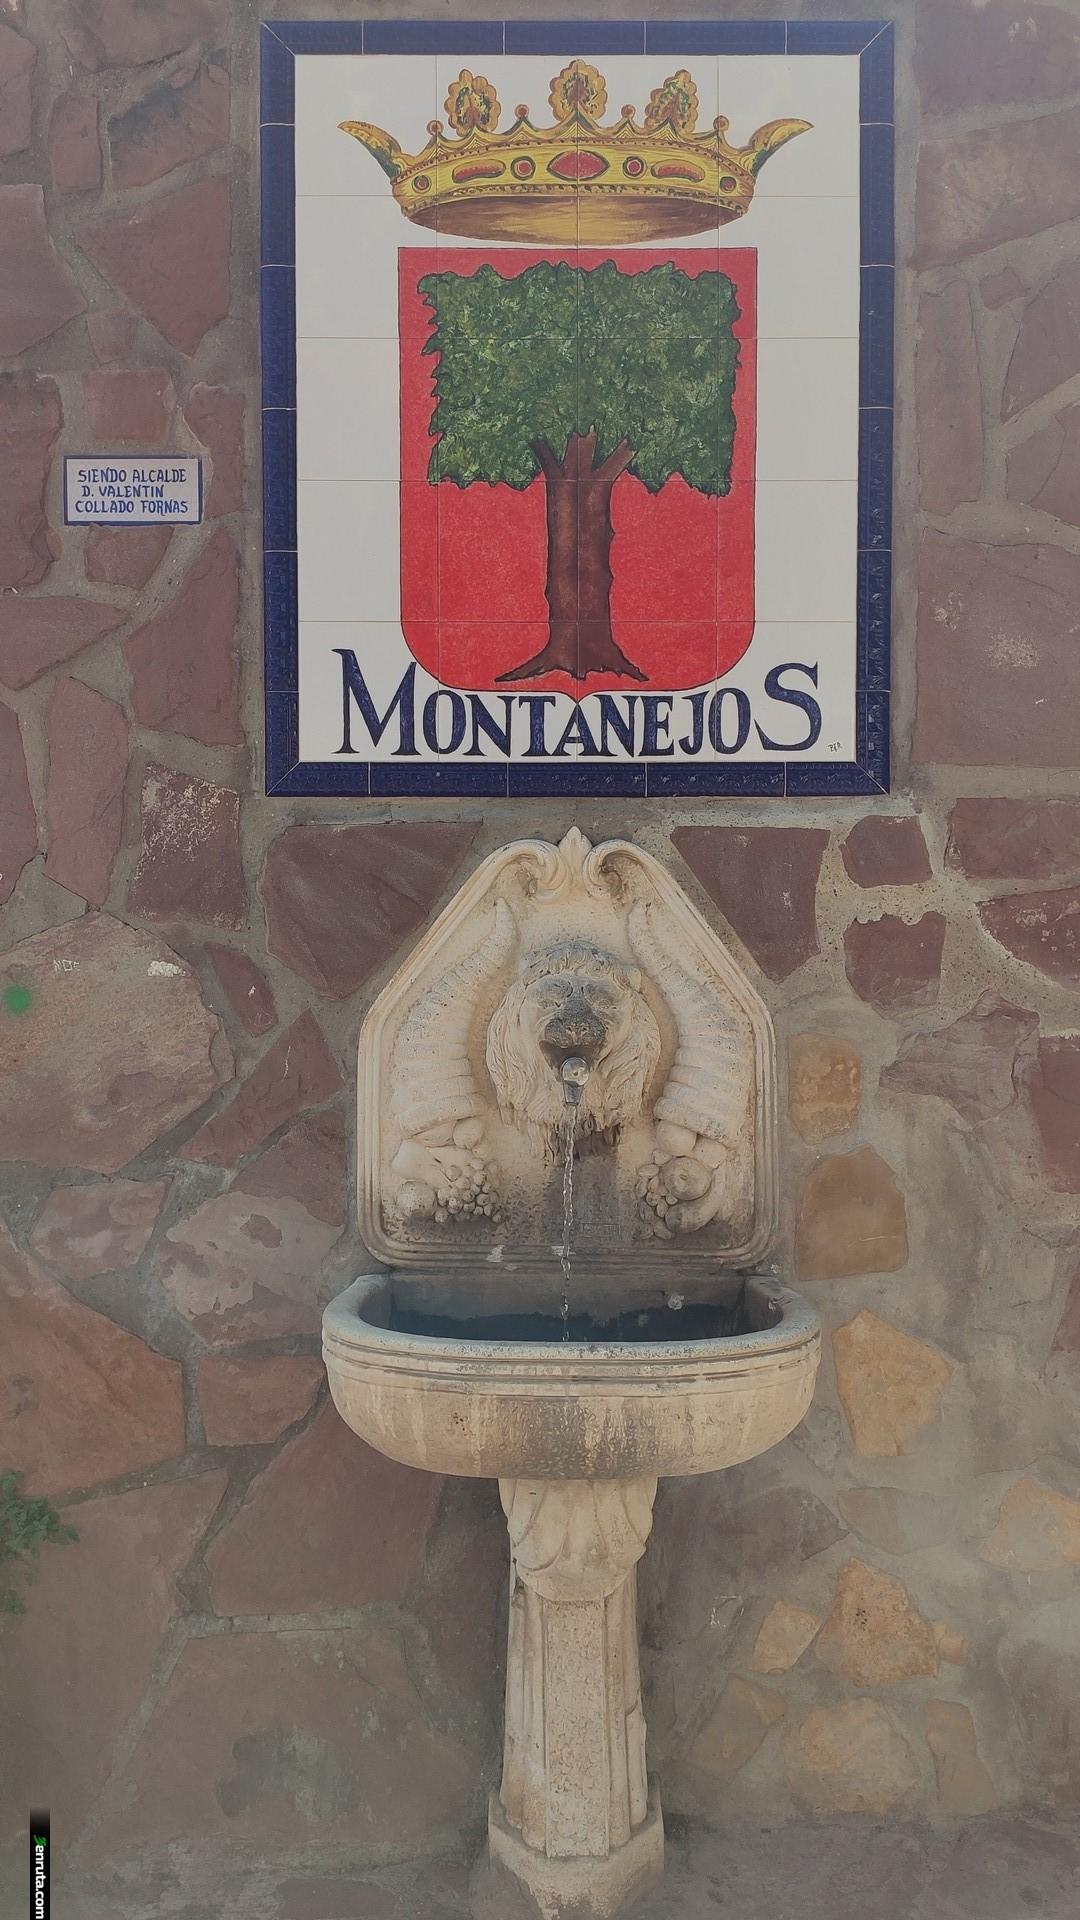 Fuente en Montanejos al final de ruta